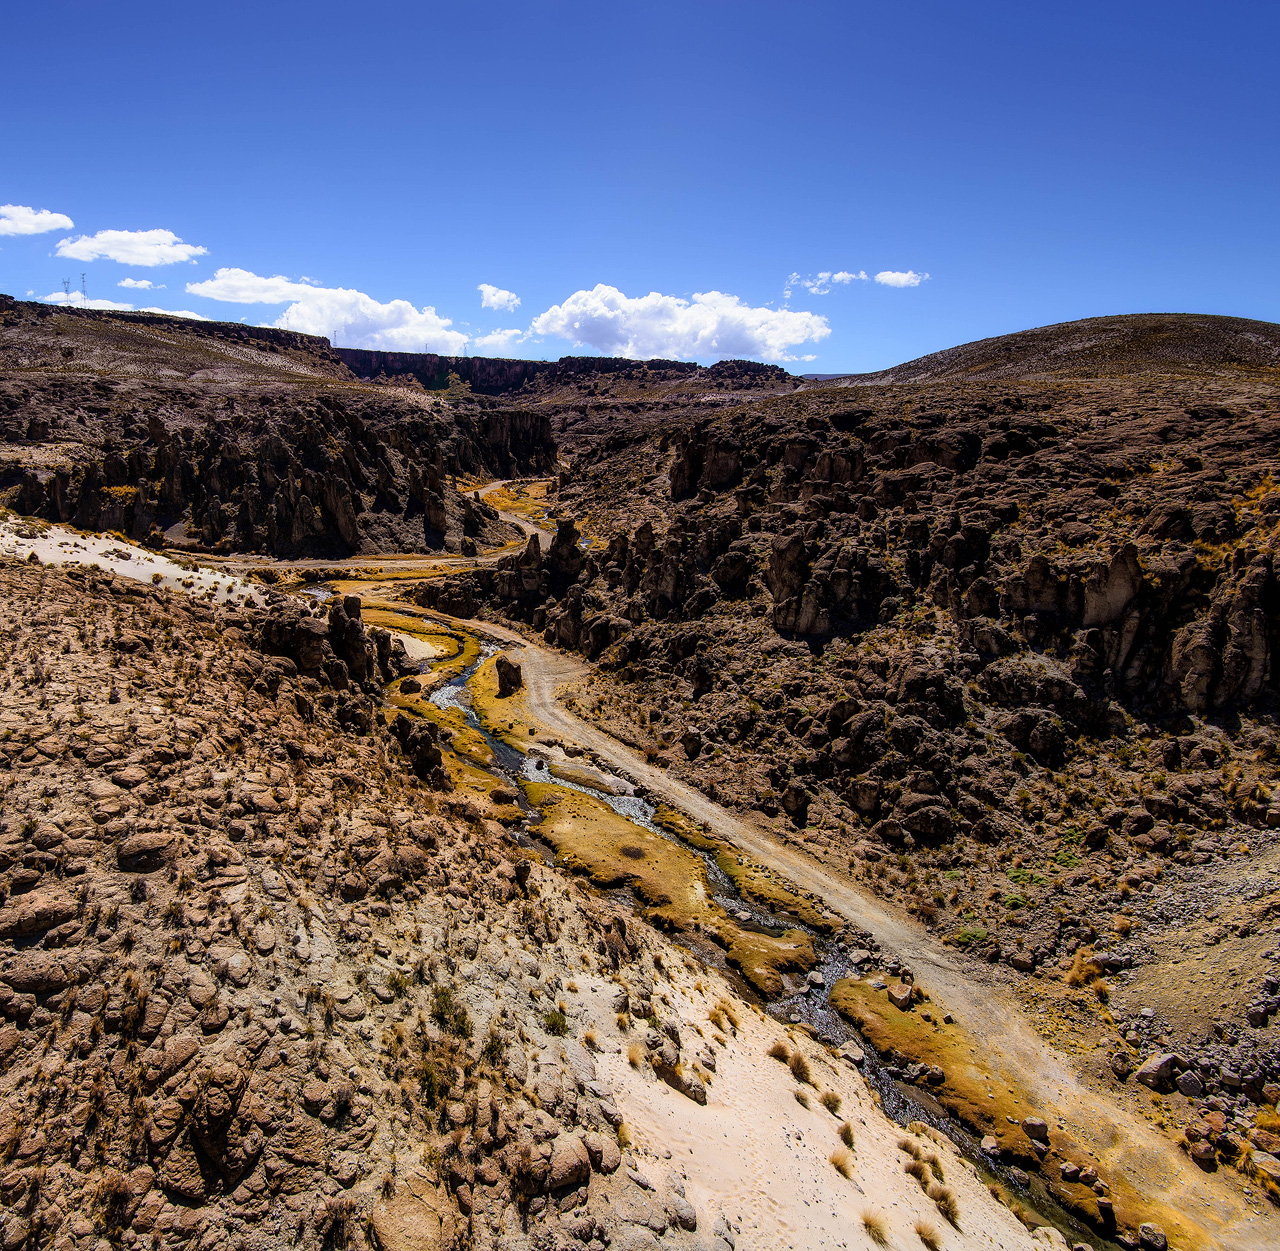 Route-5-from-Uyuni-to-Potosi.jpg